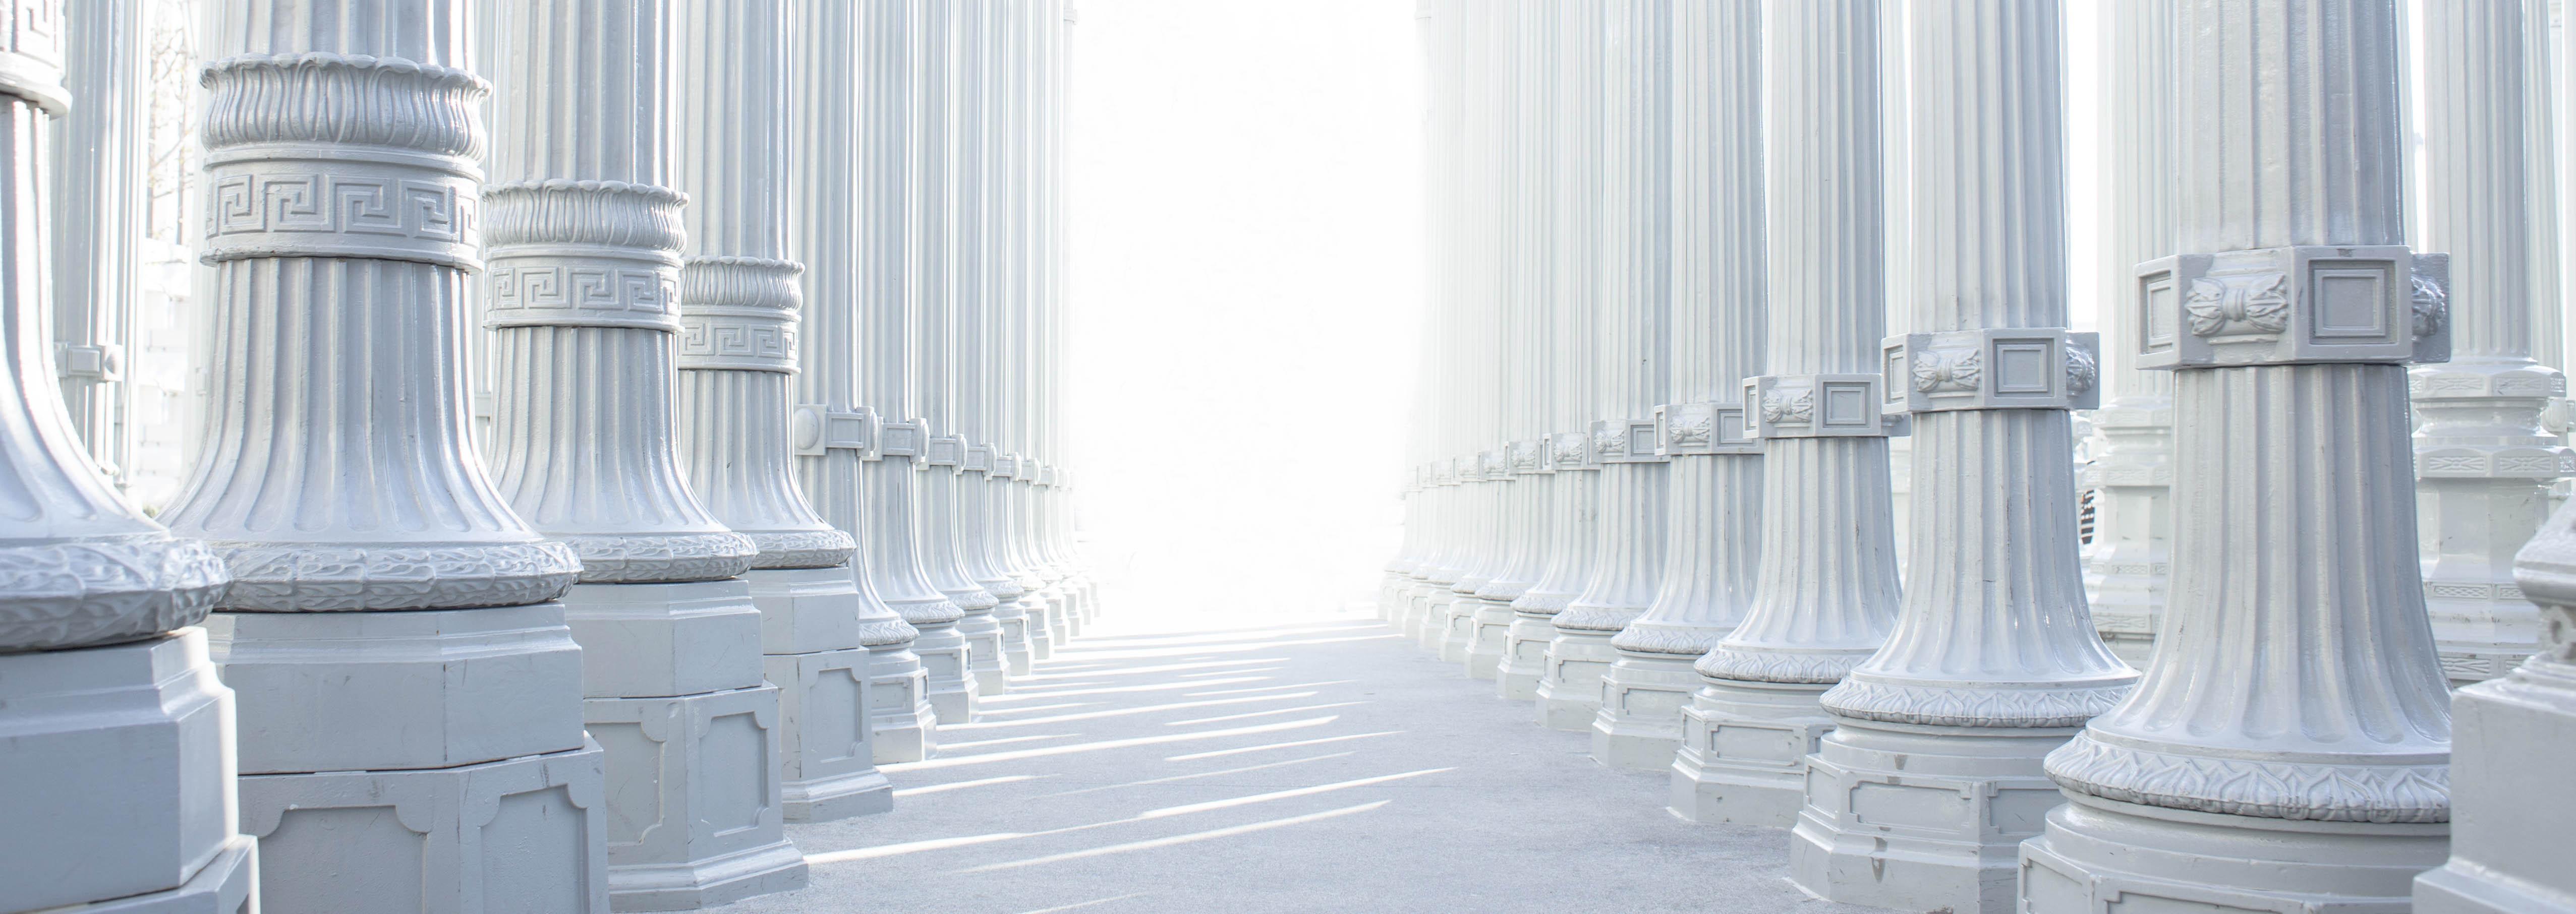 pillars_inpost